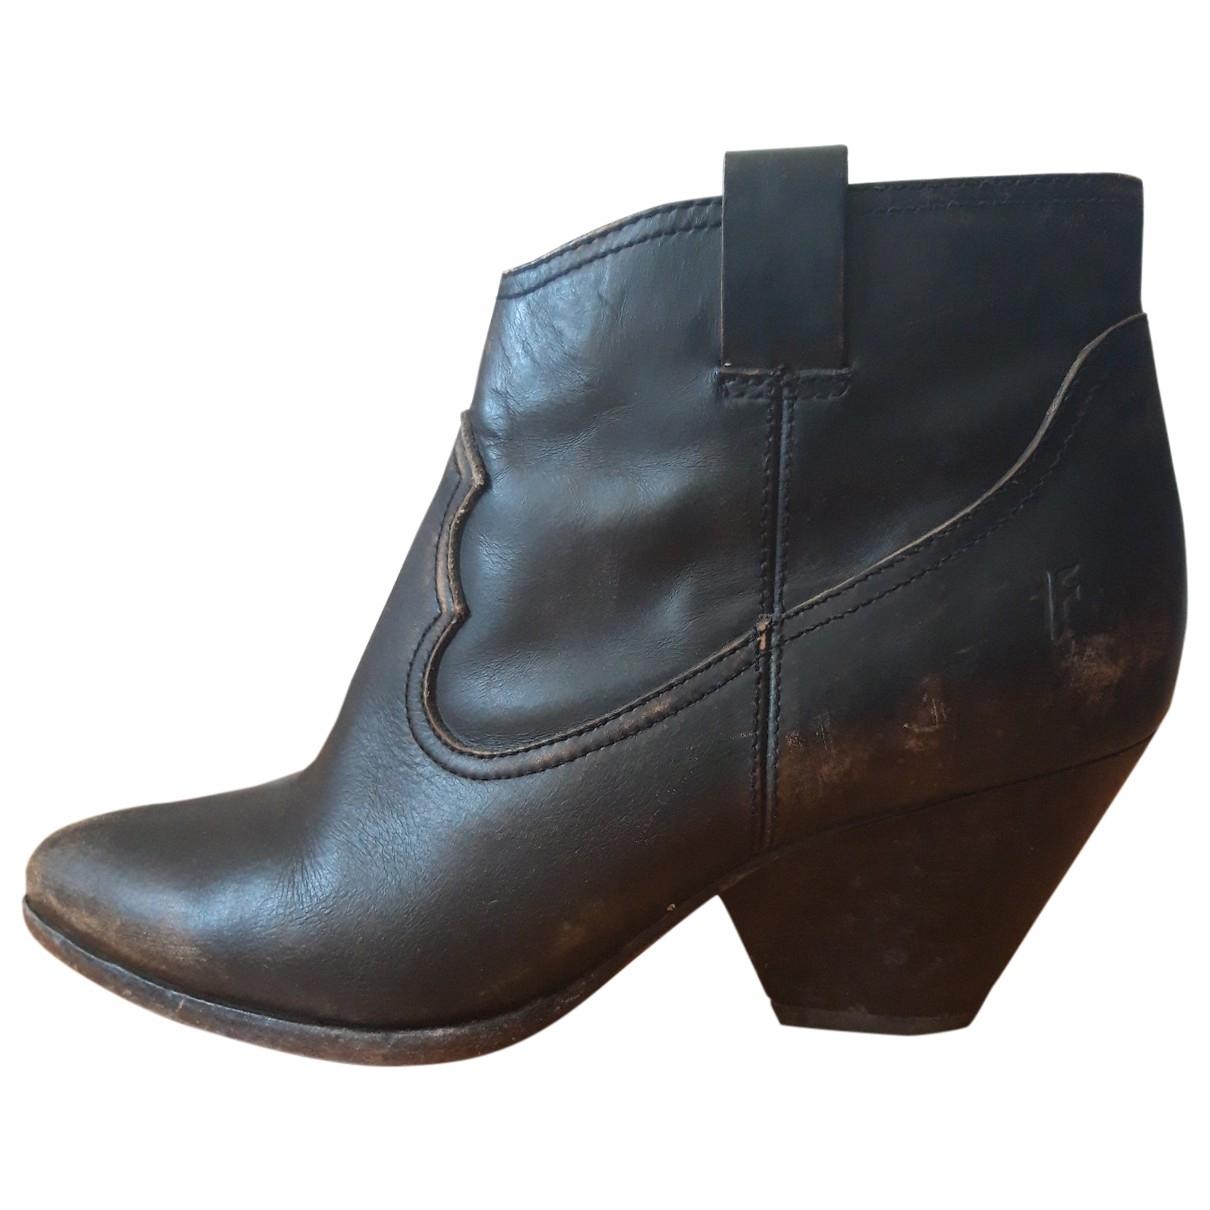 Frye - Bottes   pour femme en cuir - noir